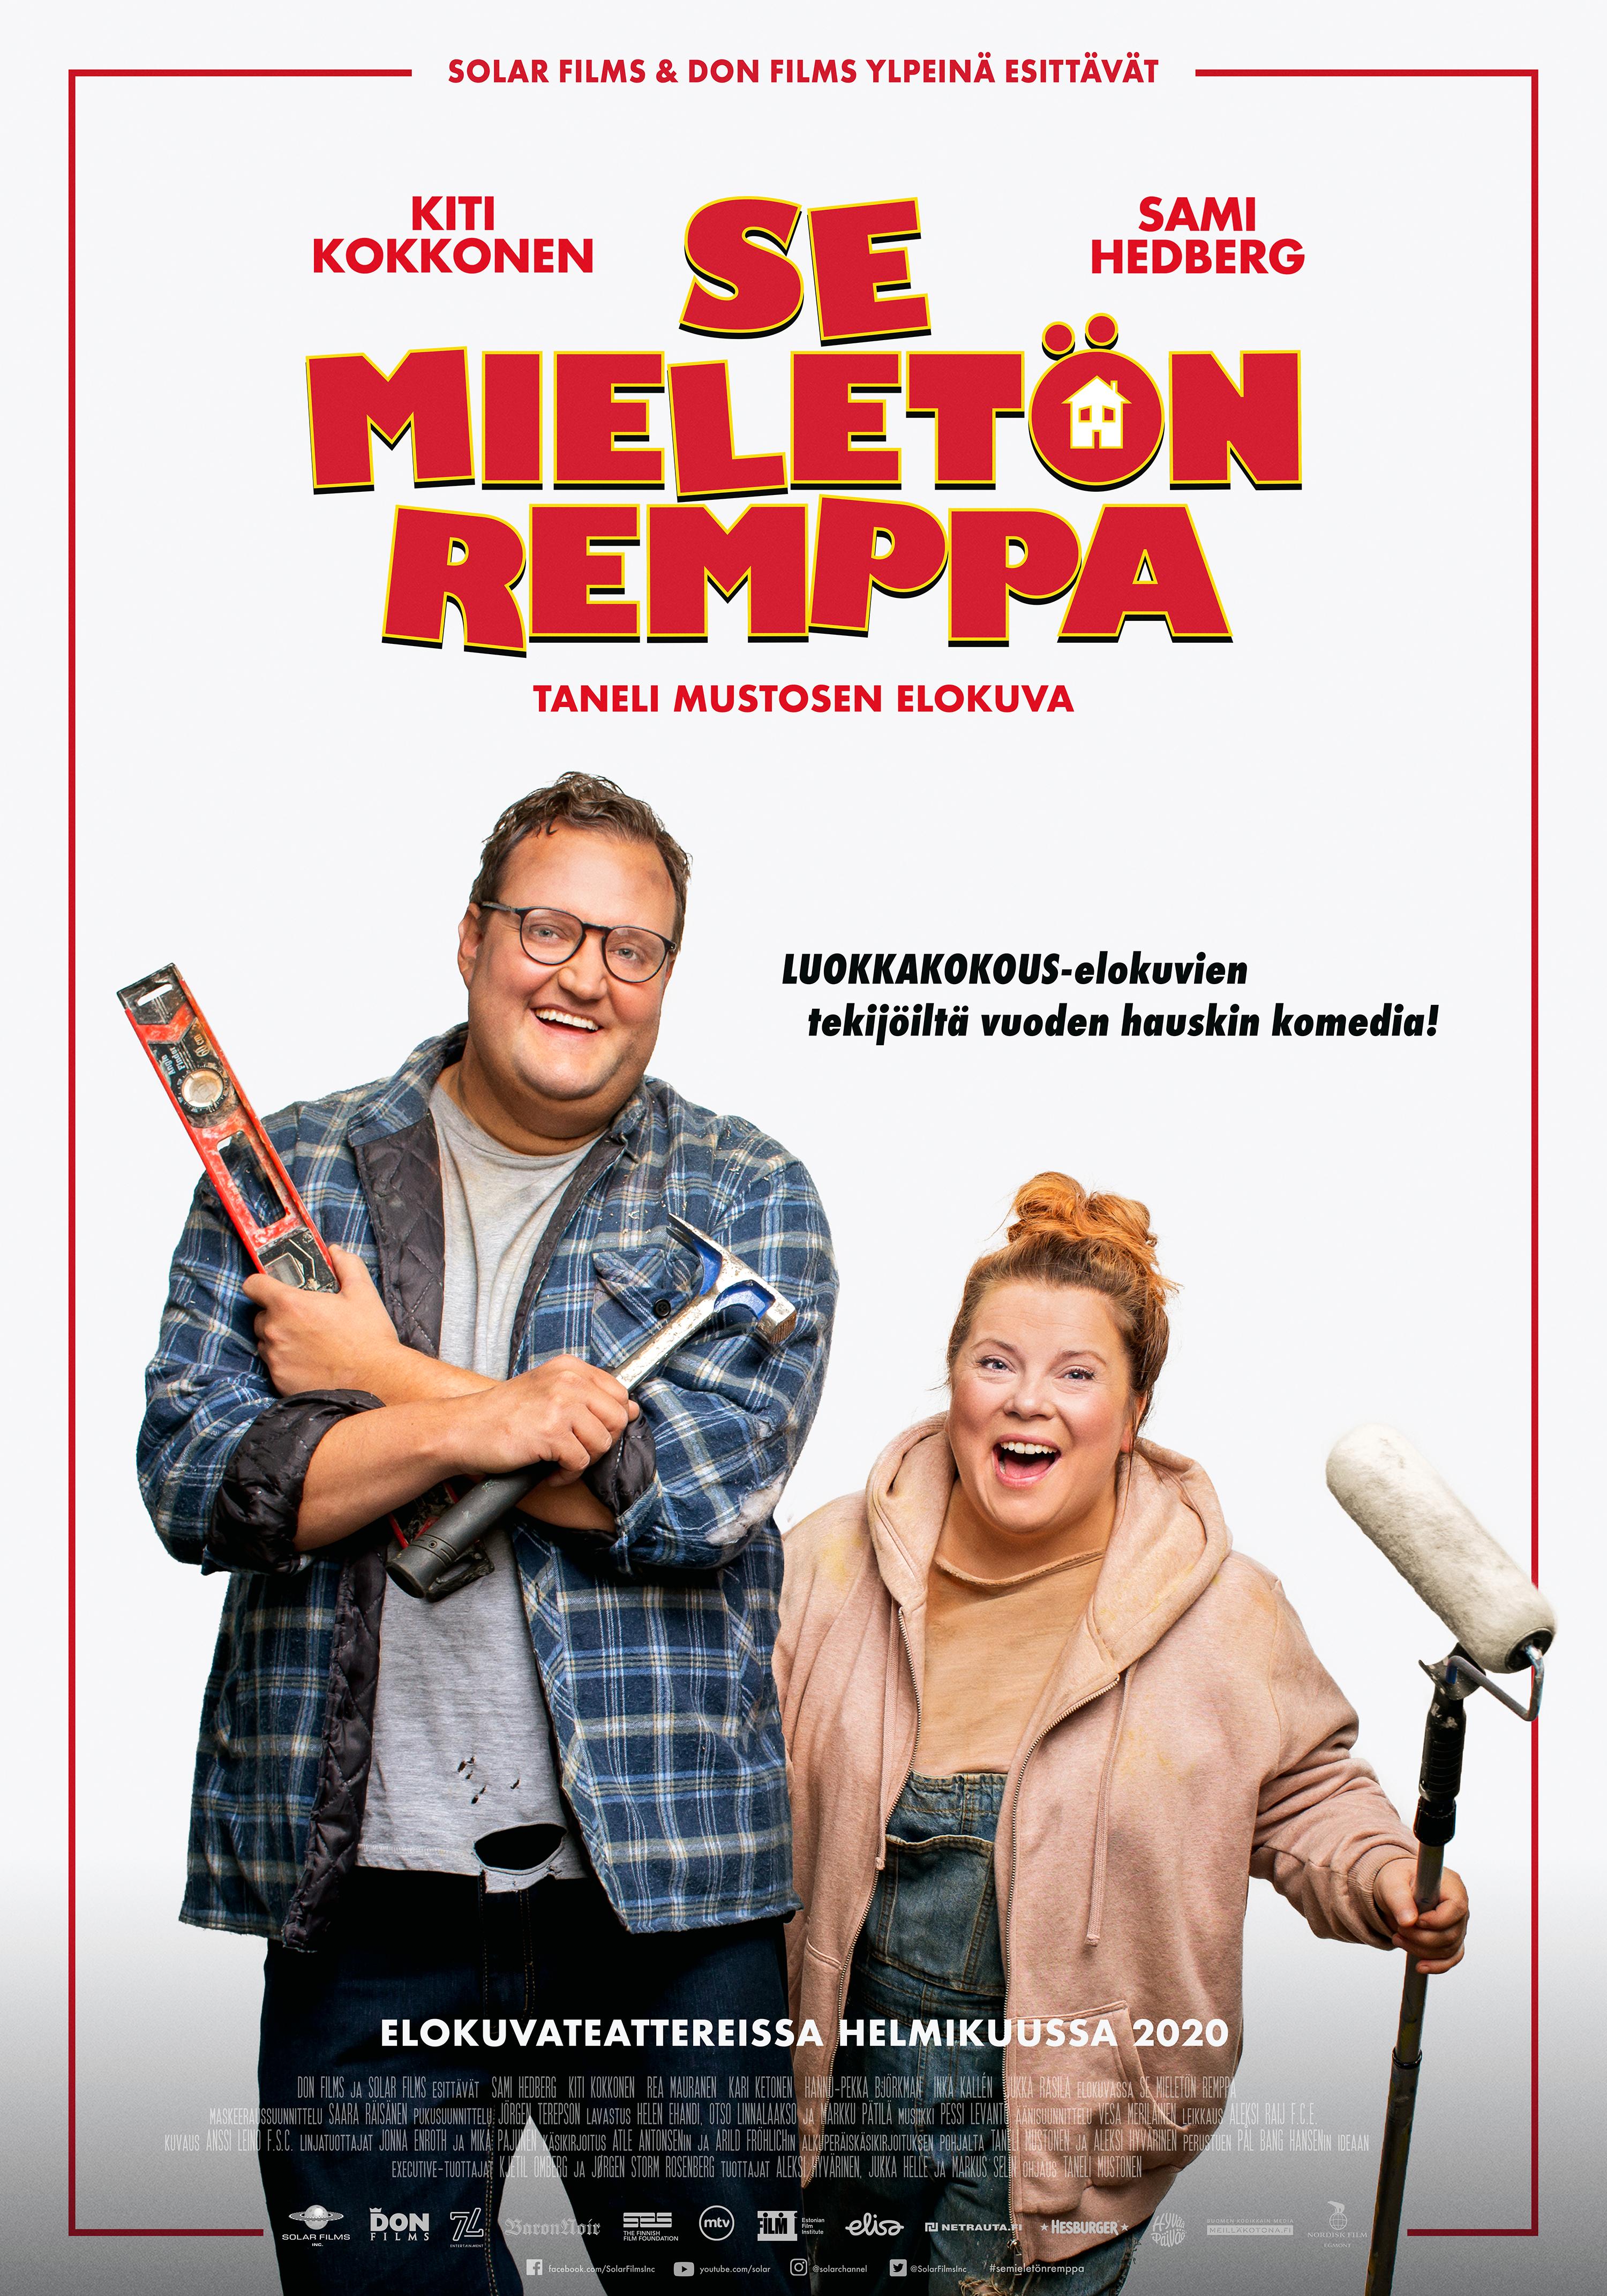 Sami Hedbergin ja Kiti Kokkosen tähdittämä hillitön Se mieletön remppa -komedia Kangasala-talon K-Kinossa helmikuussa 2020.